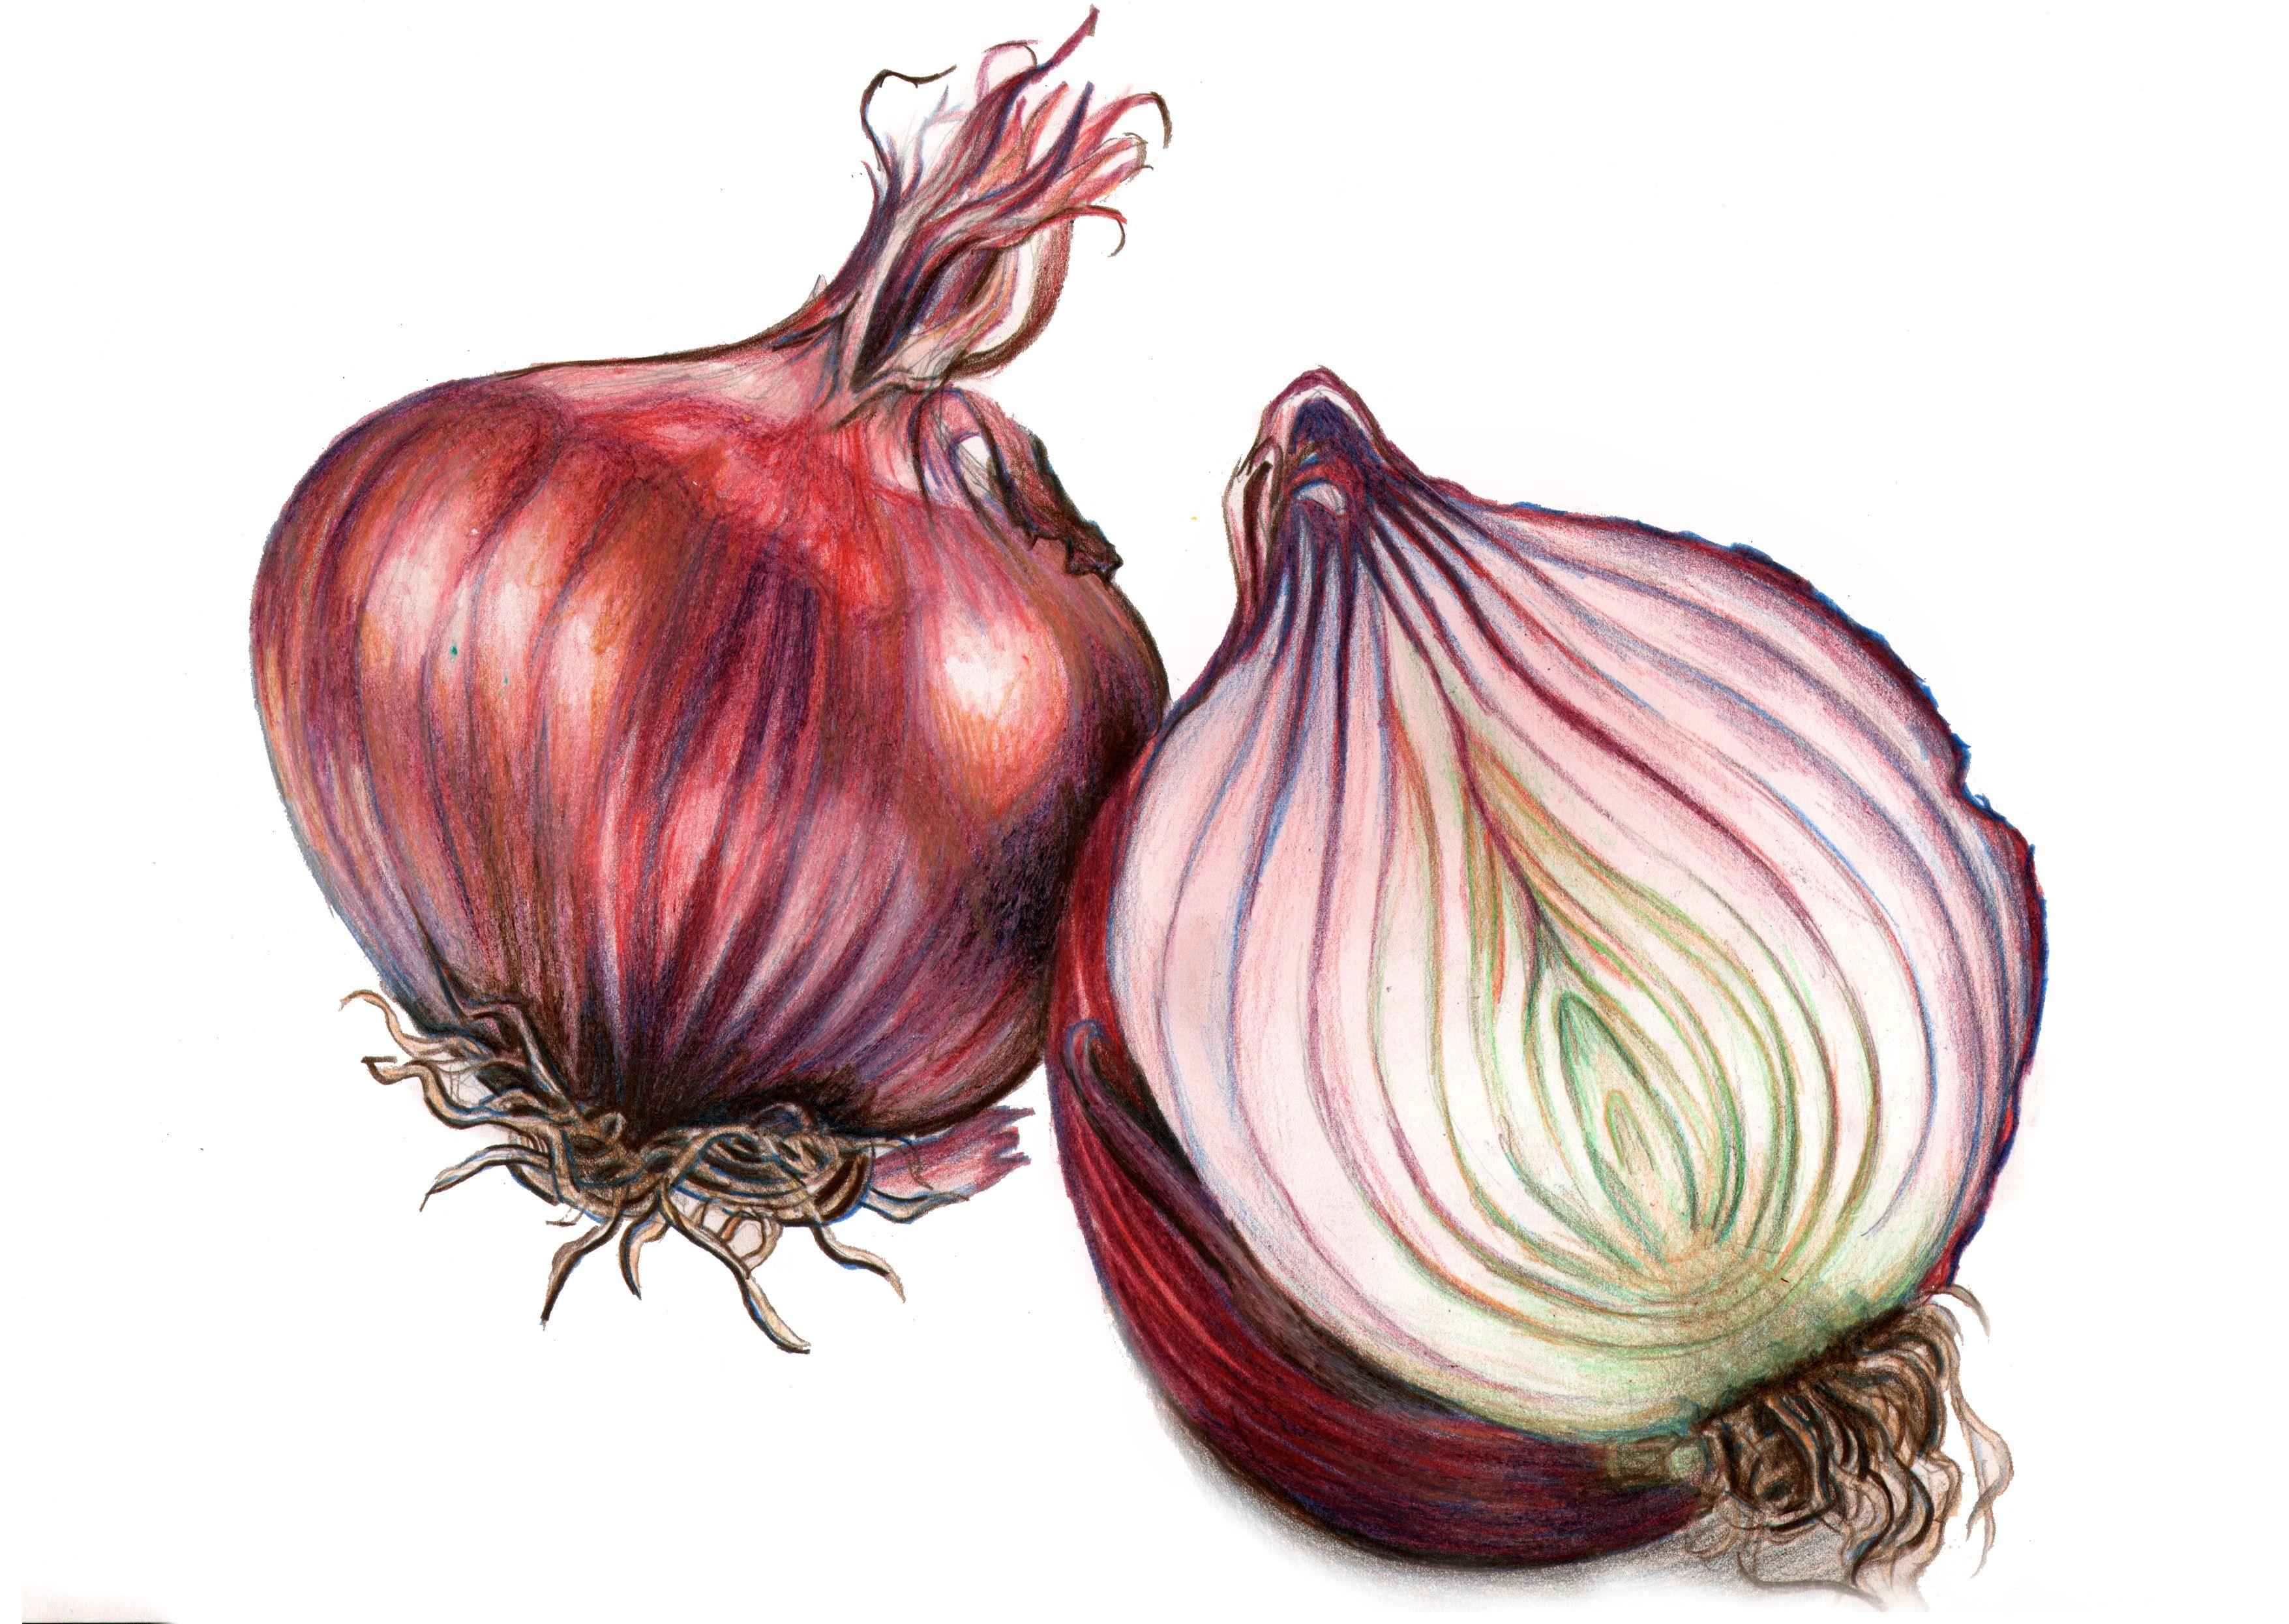 картинки луковицы лука всего именно